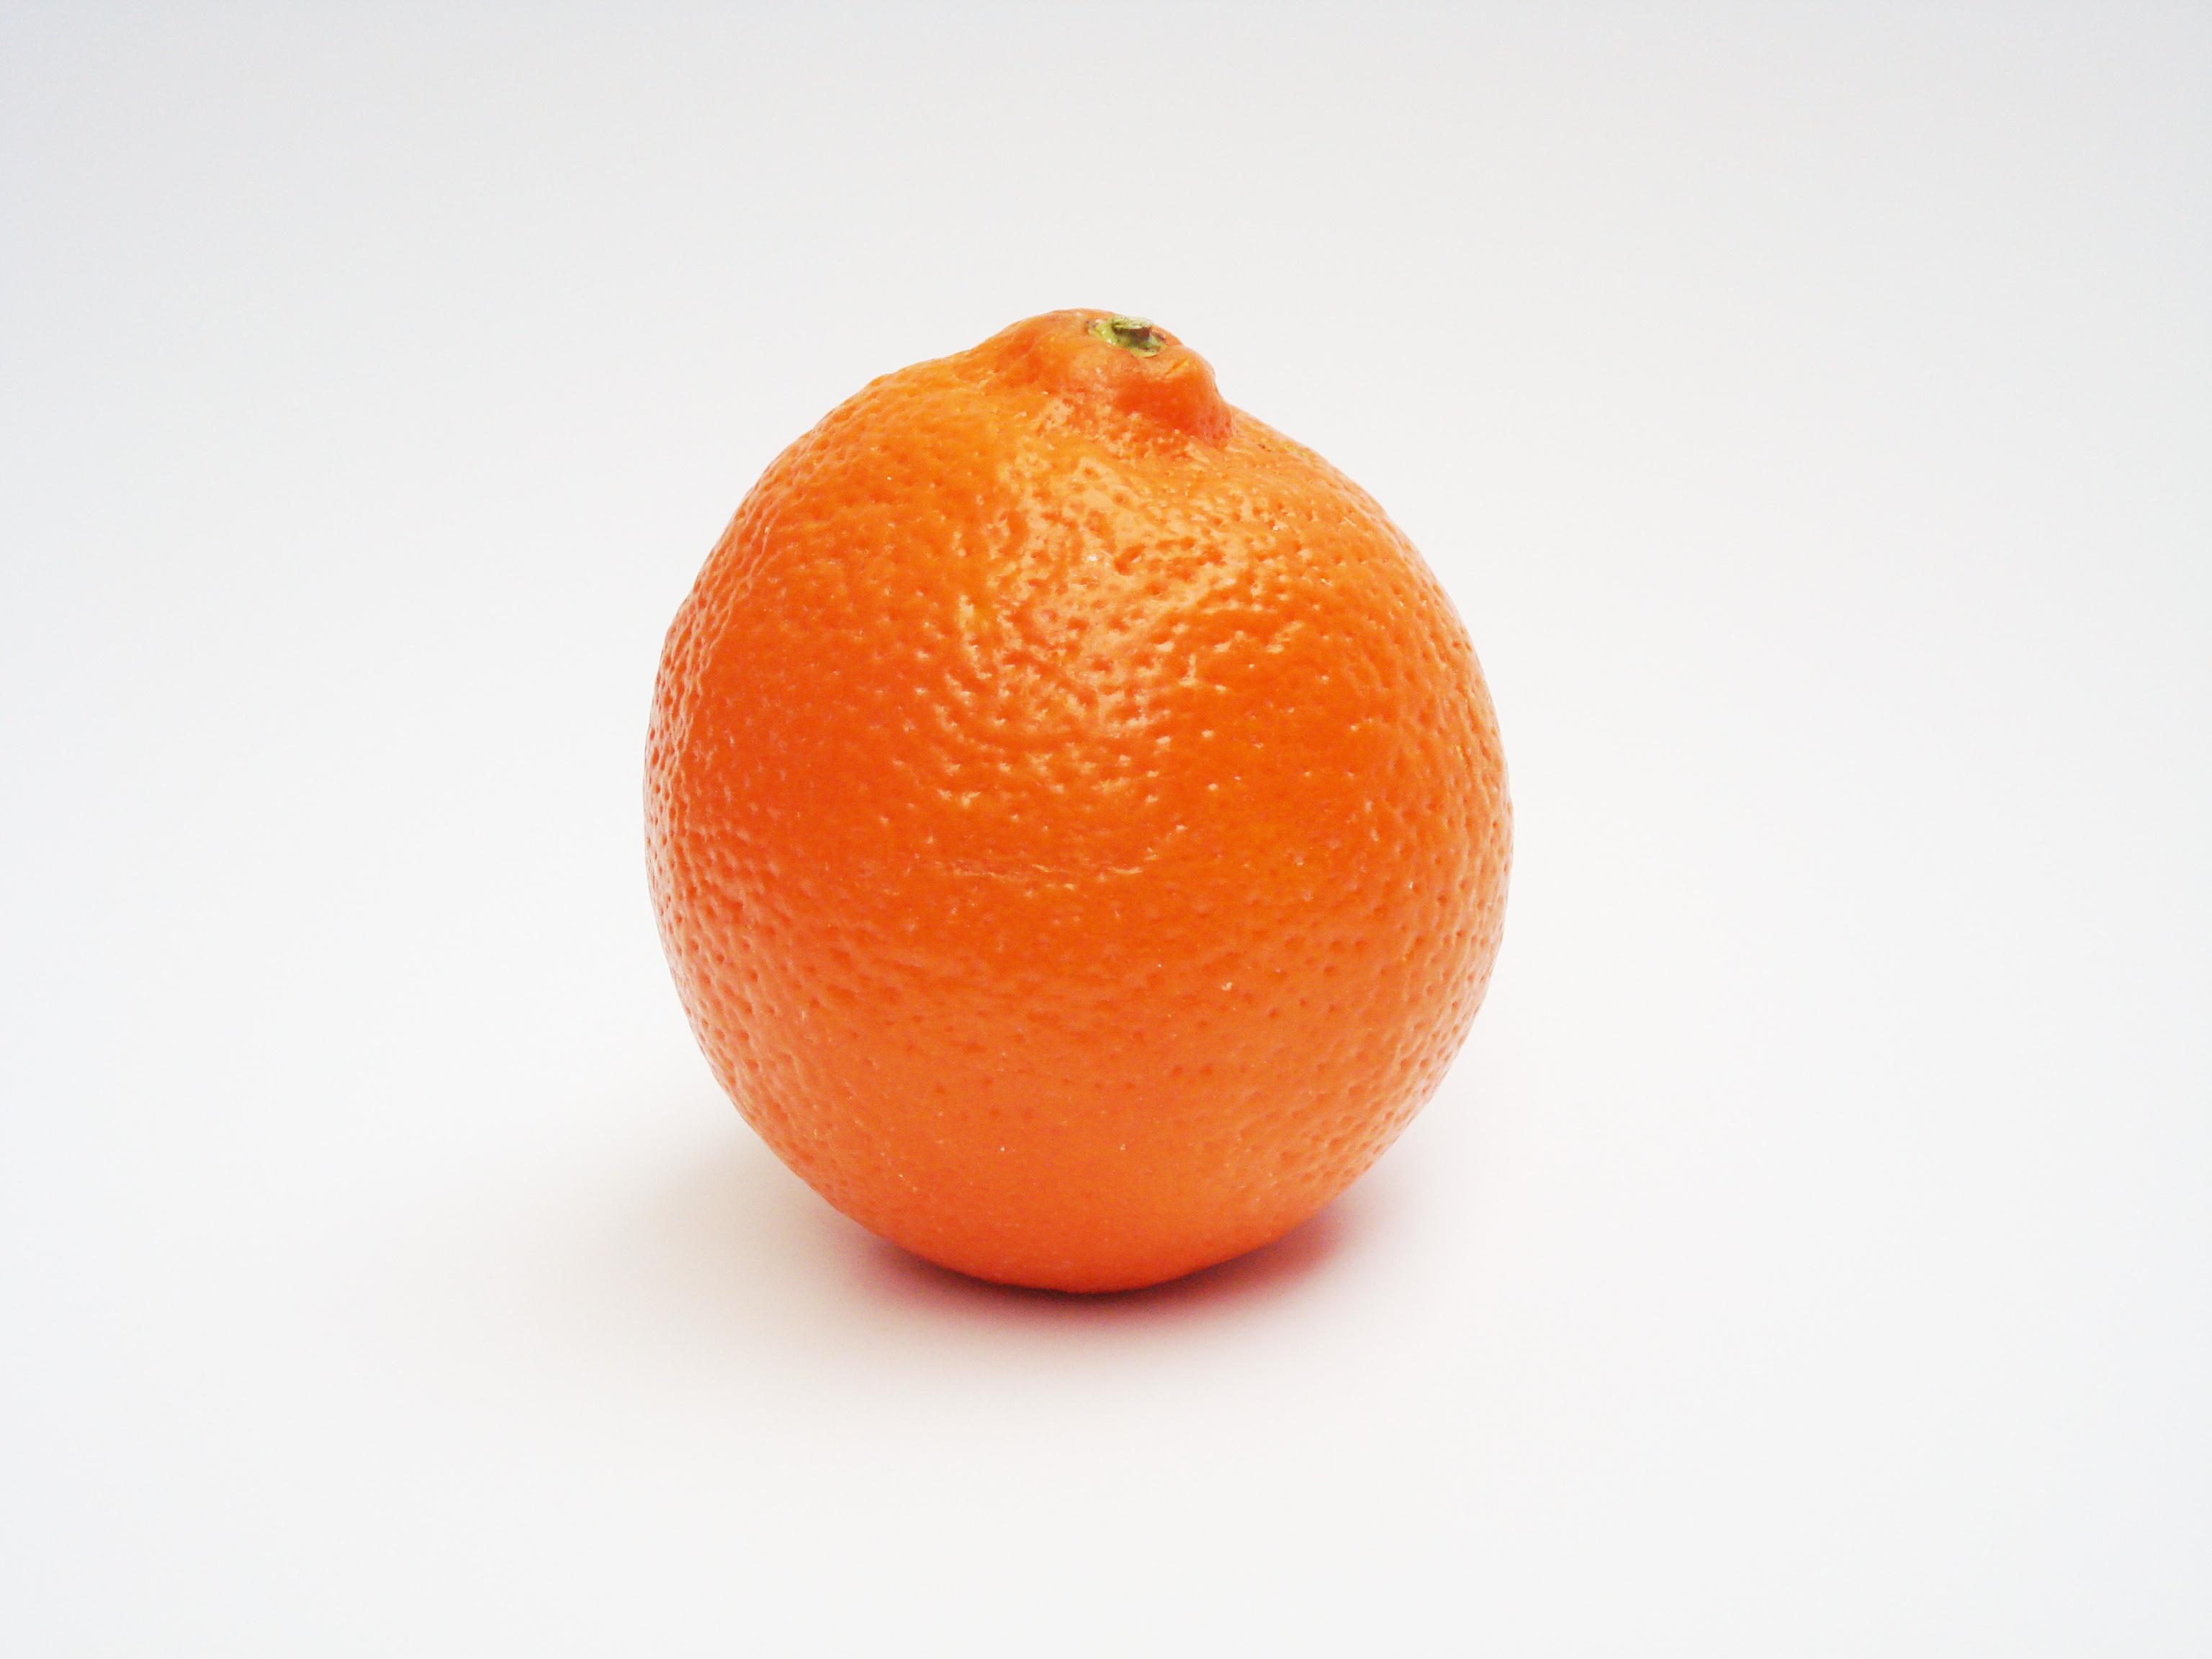 Обои для рабочего стола, апельсин